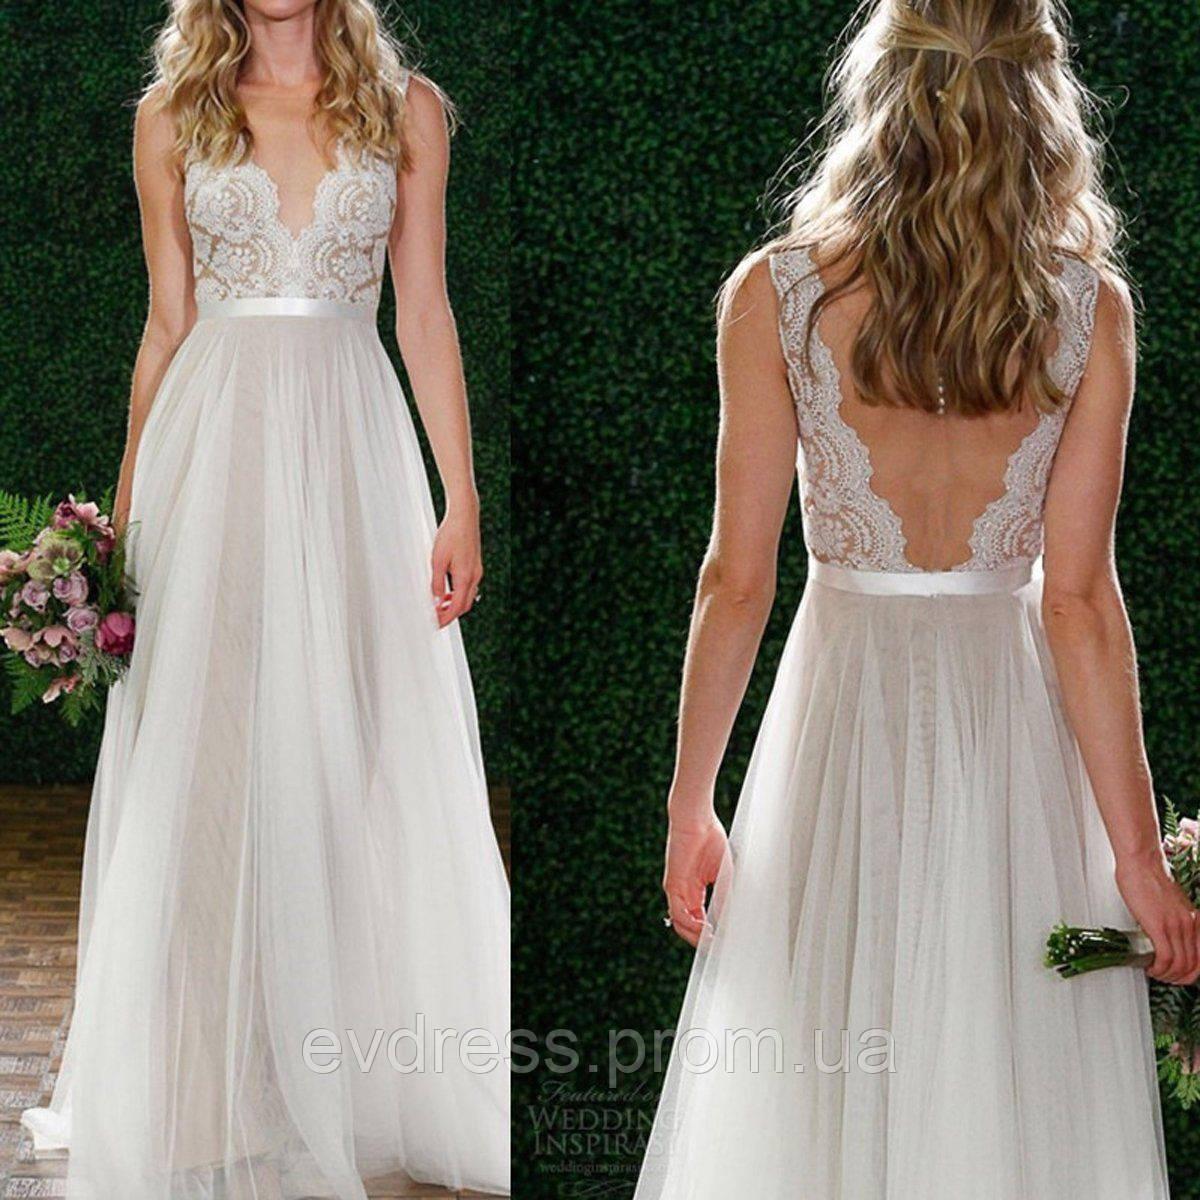 720041b1102 Пышное Свадебное Платье в Пол Гипюр Шифон Выпускное V-вырез и Открытая Спина